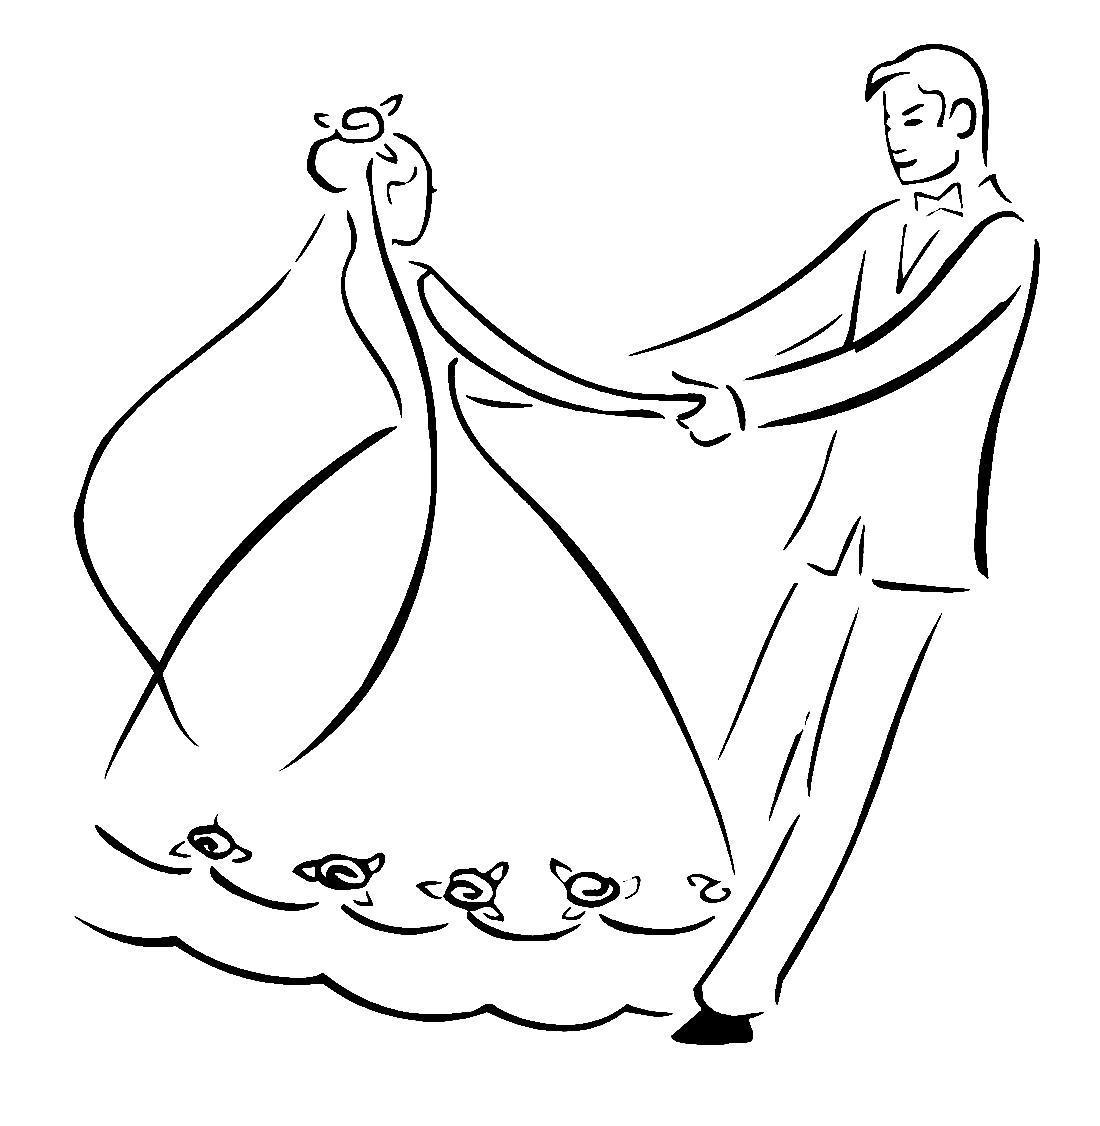 Днем, открытка на годовщину свадьбы своими руками карандашом